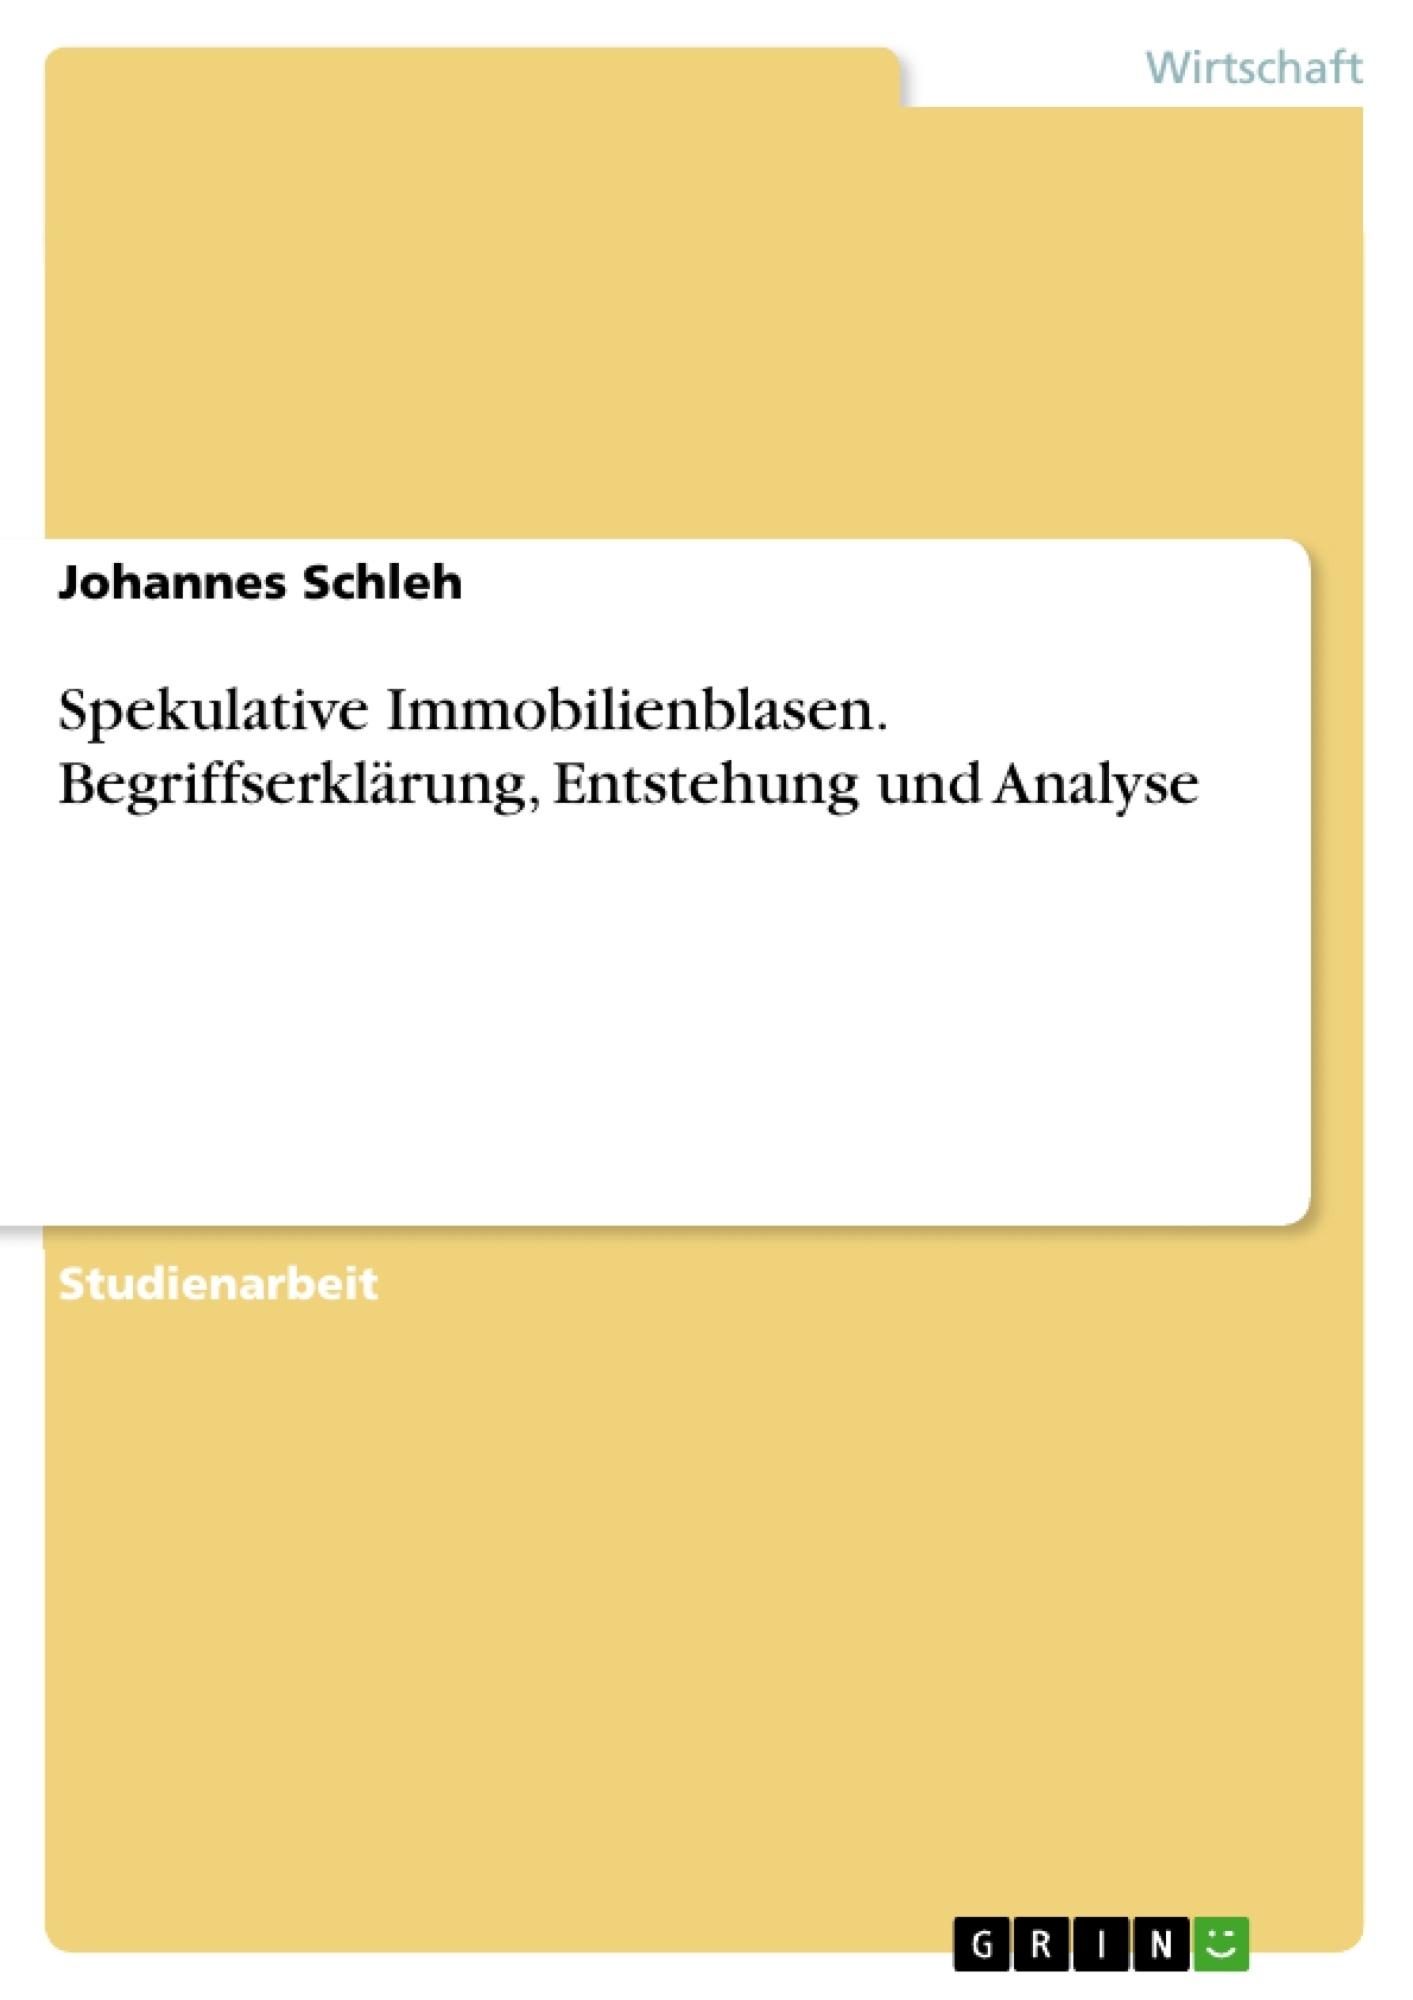 Titel: Spekulative Immobilienblasen. Begriffserklärung, Entstehung und Analyse